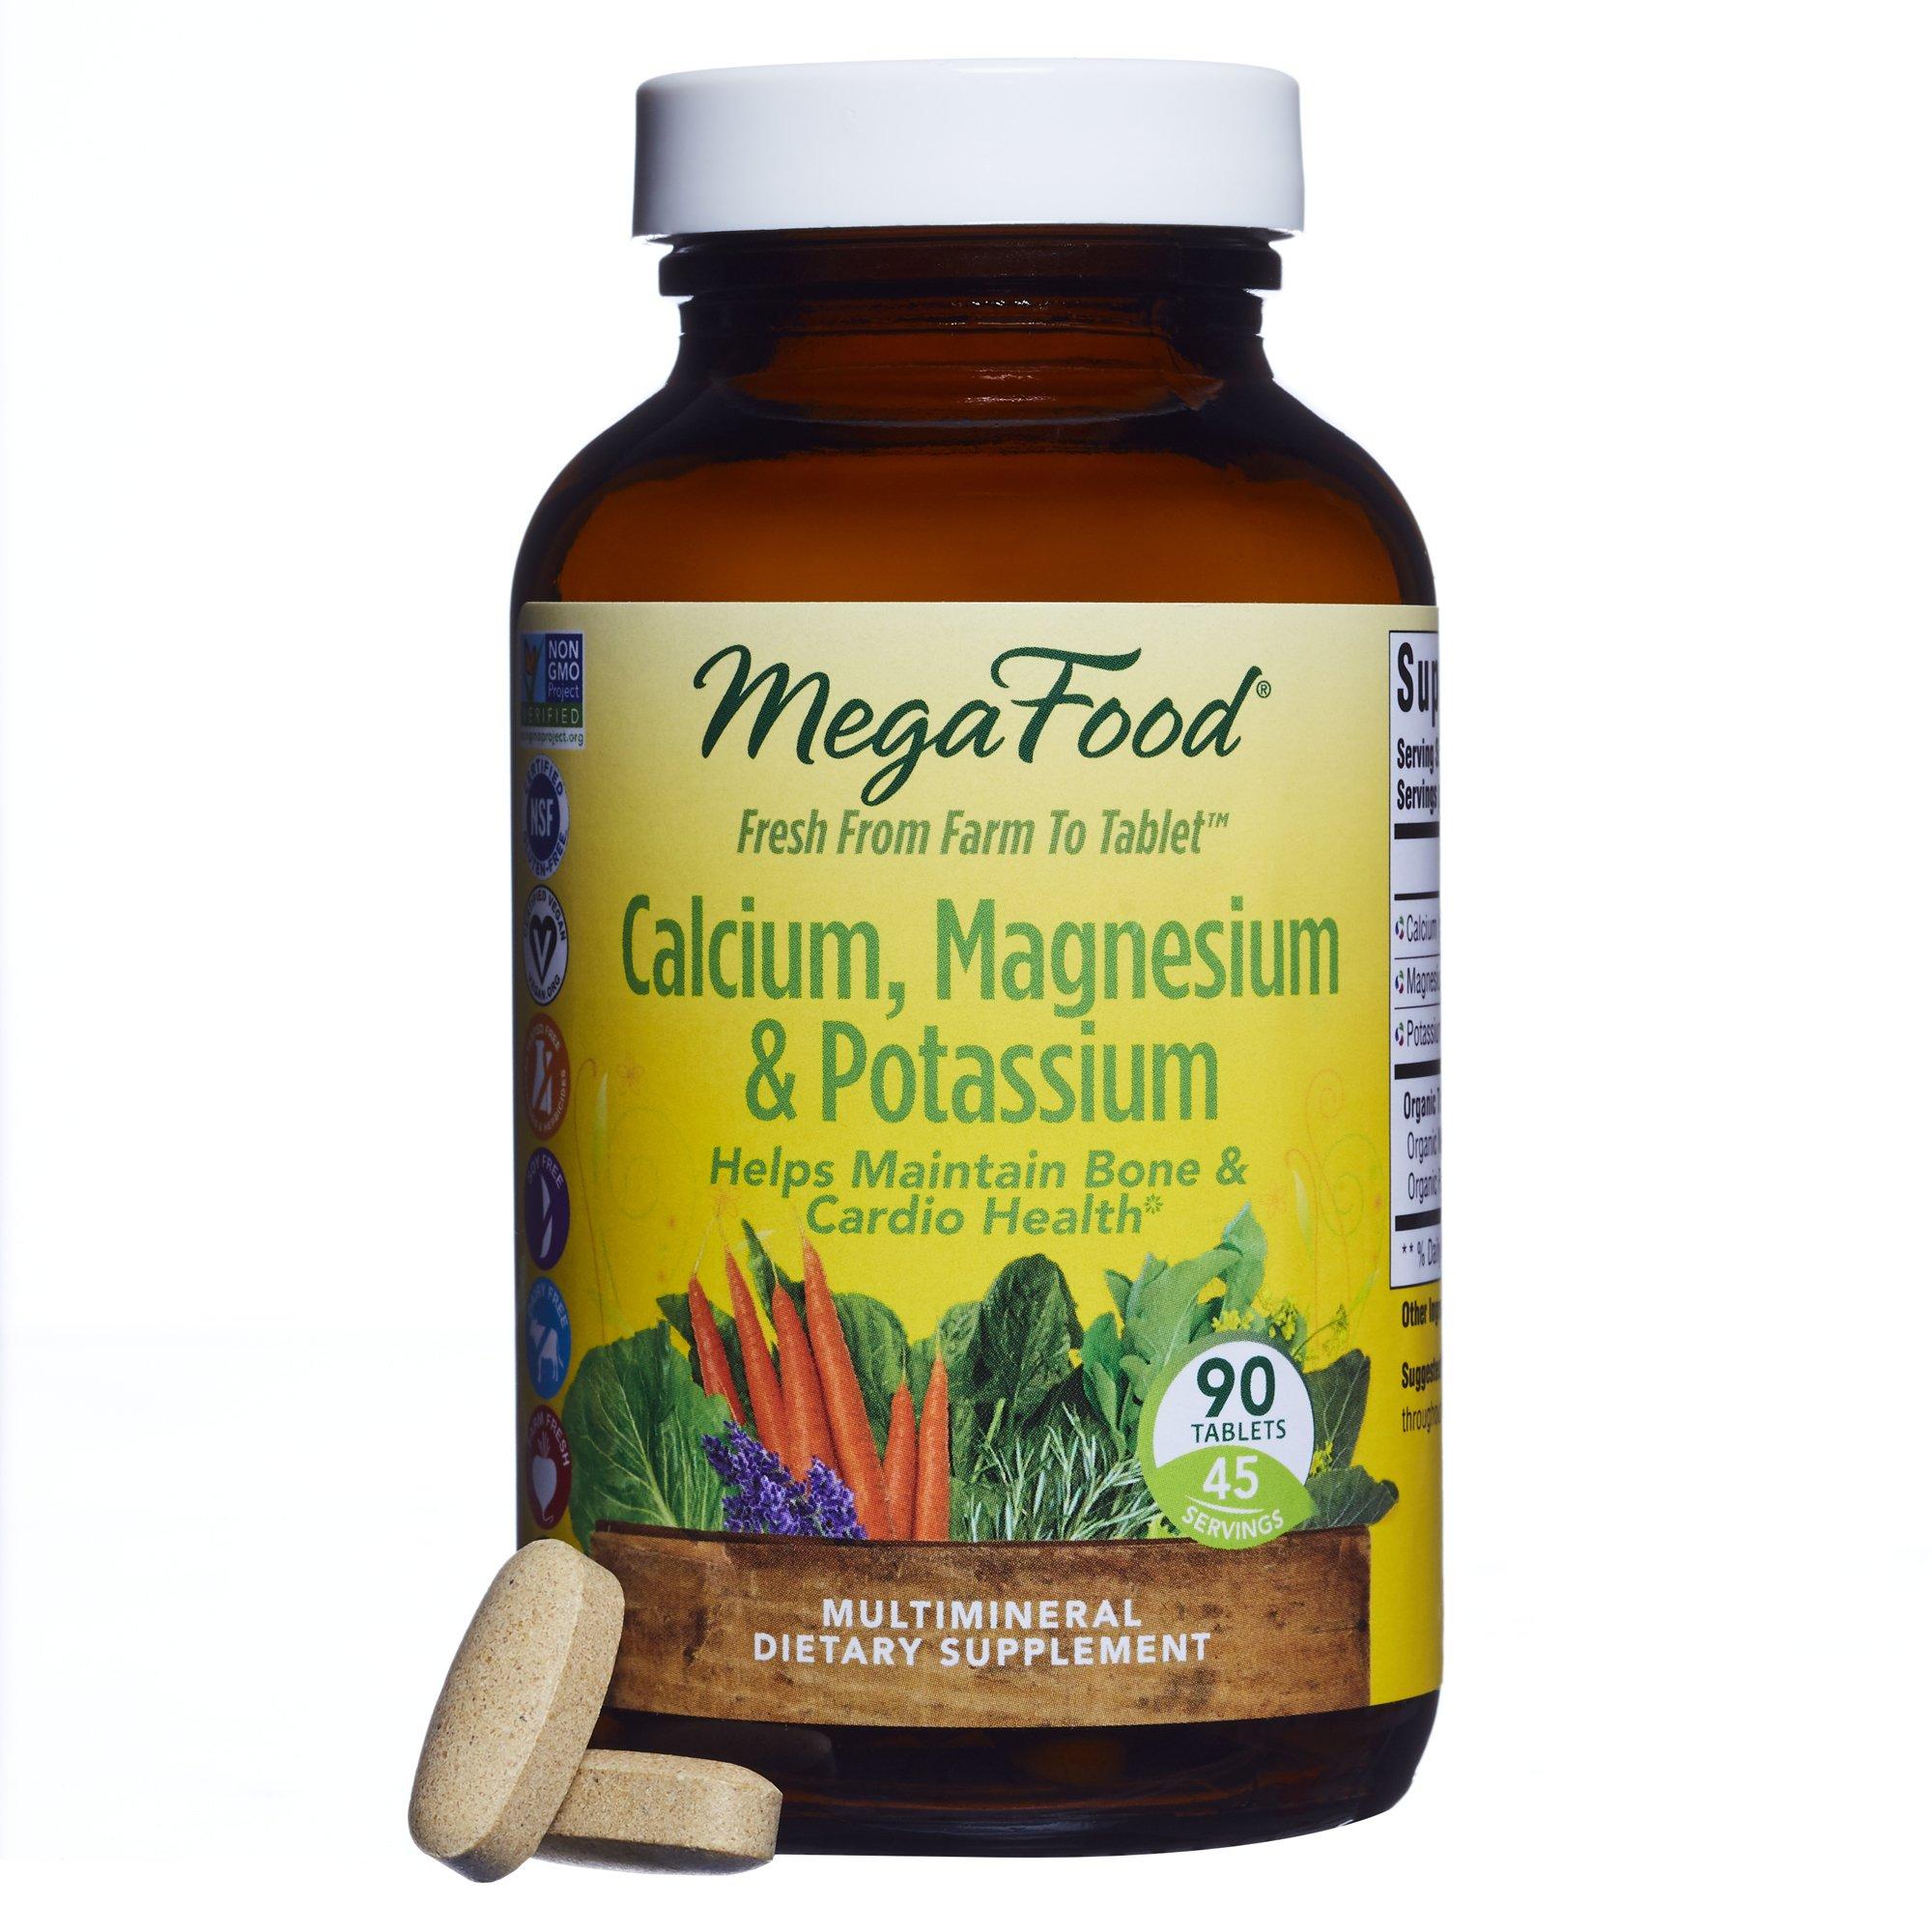 MegaFood - Calcium, Magnesium & Potassium, Supports Healthy Bones & Muscles, 90 Tablets